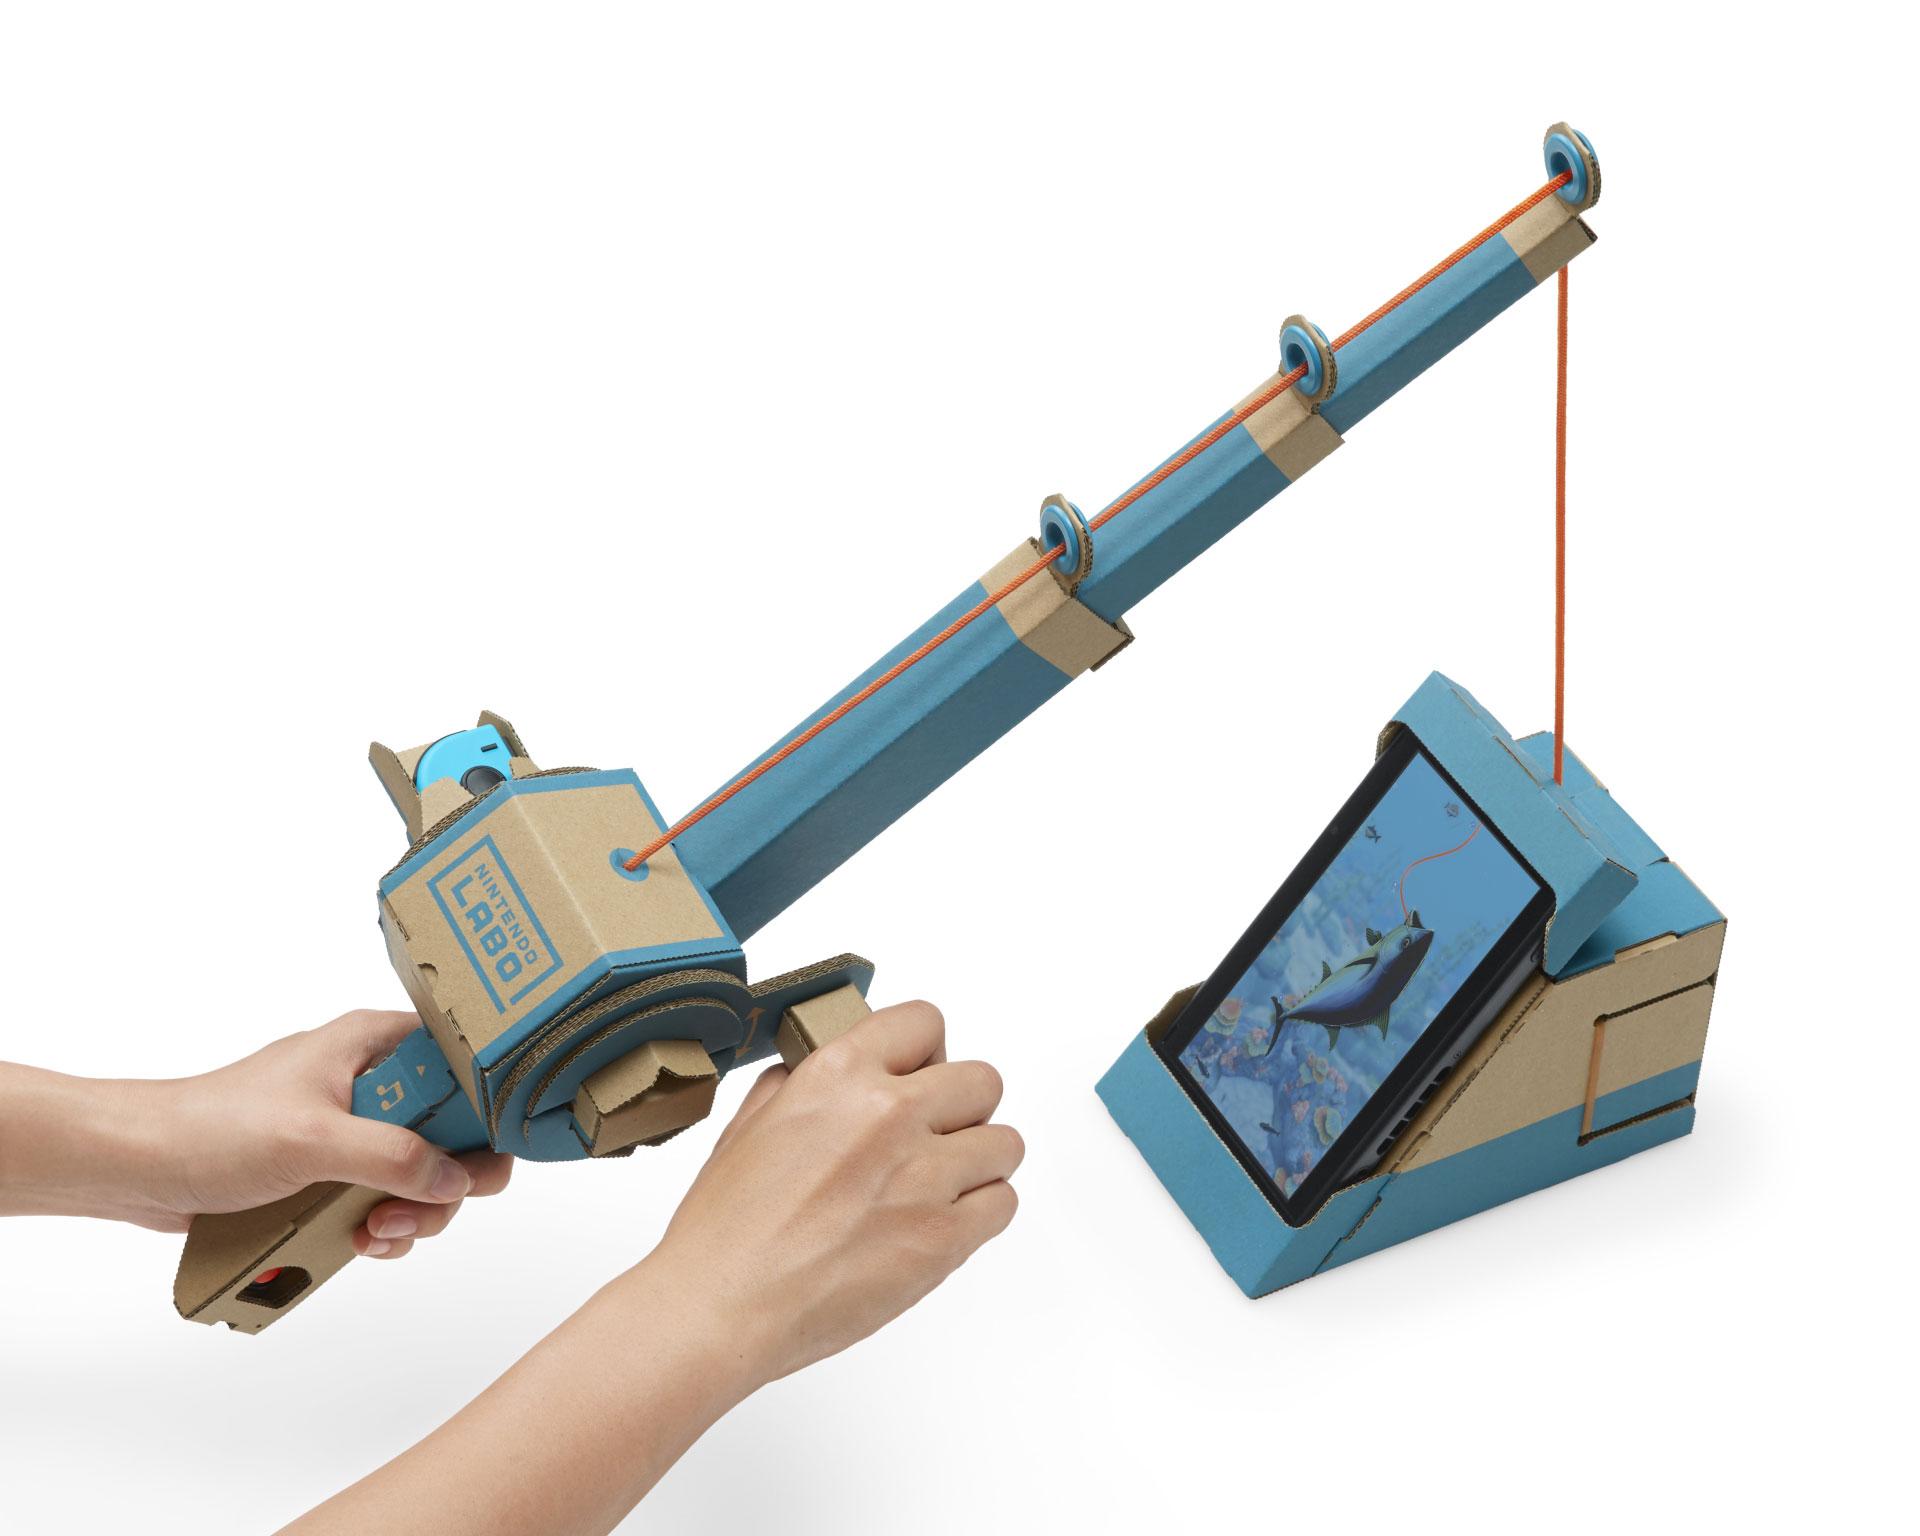 Auch das Auswerfen einer aus Pappe und Gummi-Zügen konstruierten Angel ins Switch-Meer funktioniert hervorragend. Problem: Die an die Bastel-Sets gekoppelten Minigames sind wenig mehr als spaßige Funktions- und Technologie-Demos.